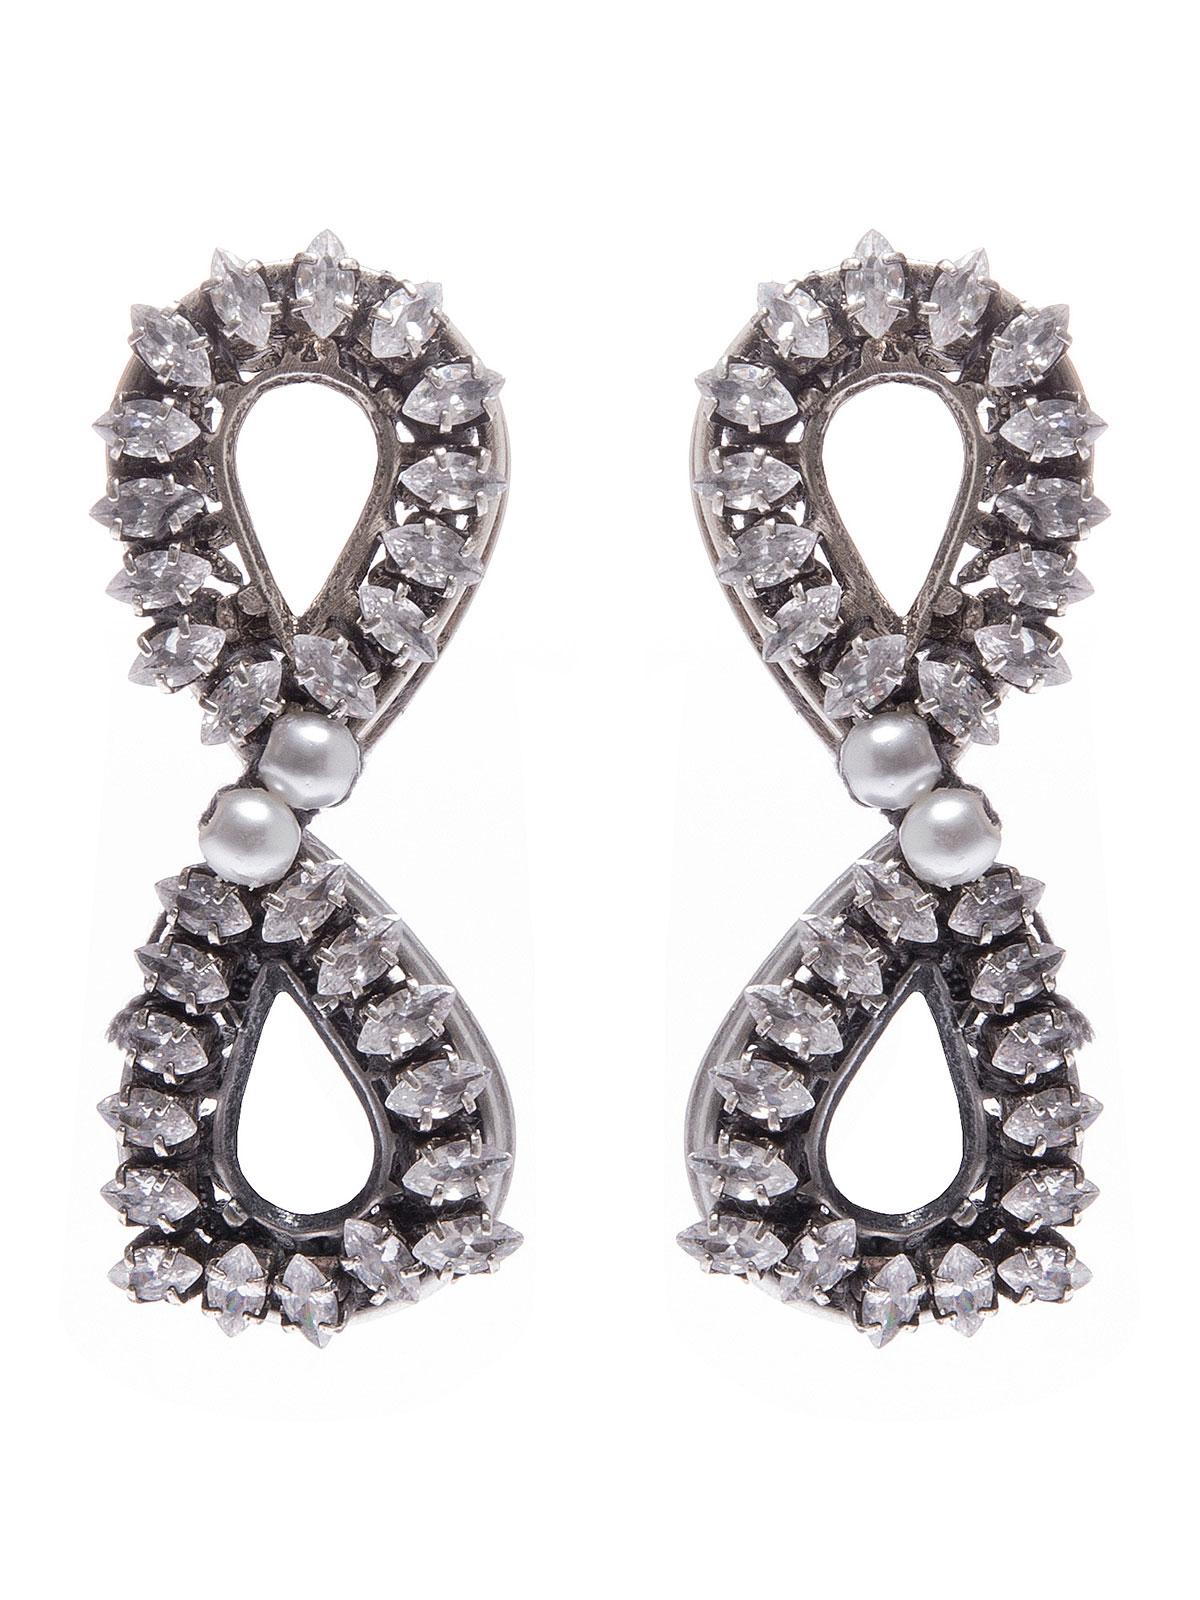 Orecchini doppia goccia ricamata con pietre cristallo